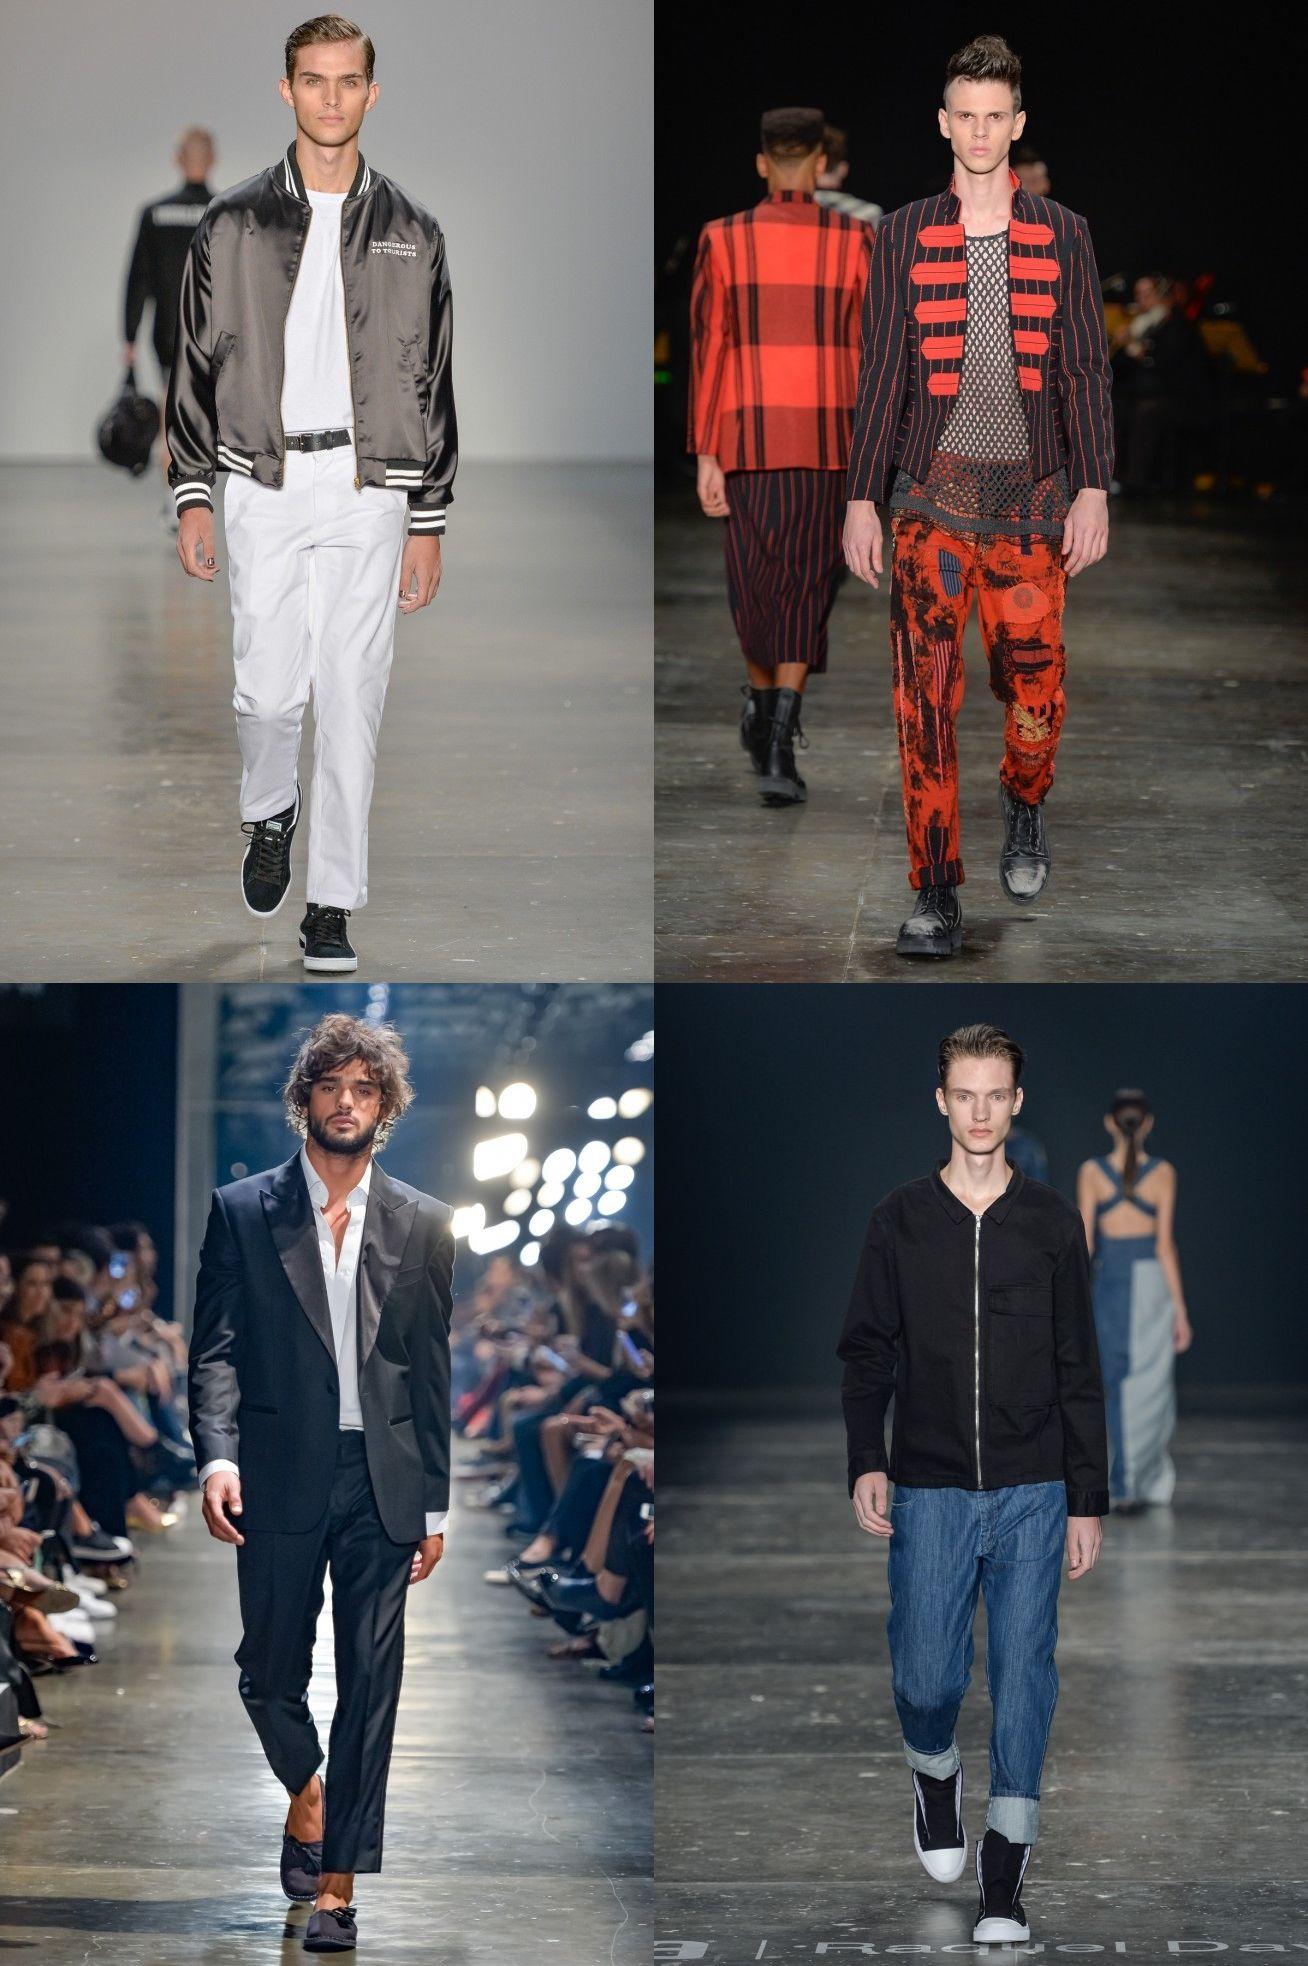 f37e378b9 7 tendências masculinas do Verão 2017   DESFILES MASCULINOS   FASHION SHOW    MENSWEAR   Fashion, Bambam, Runway